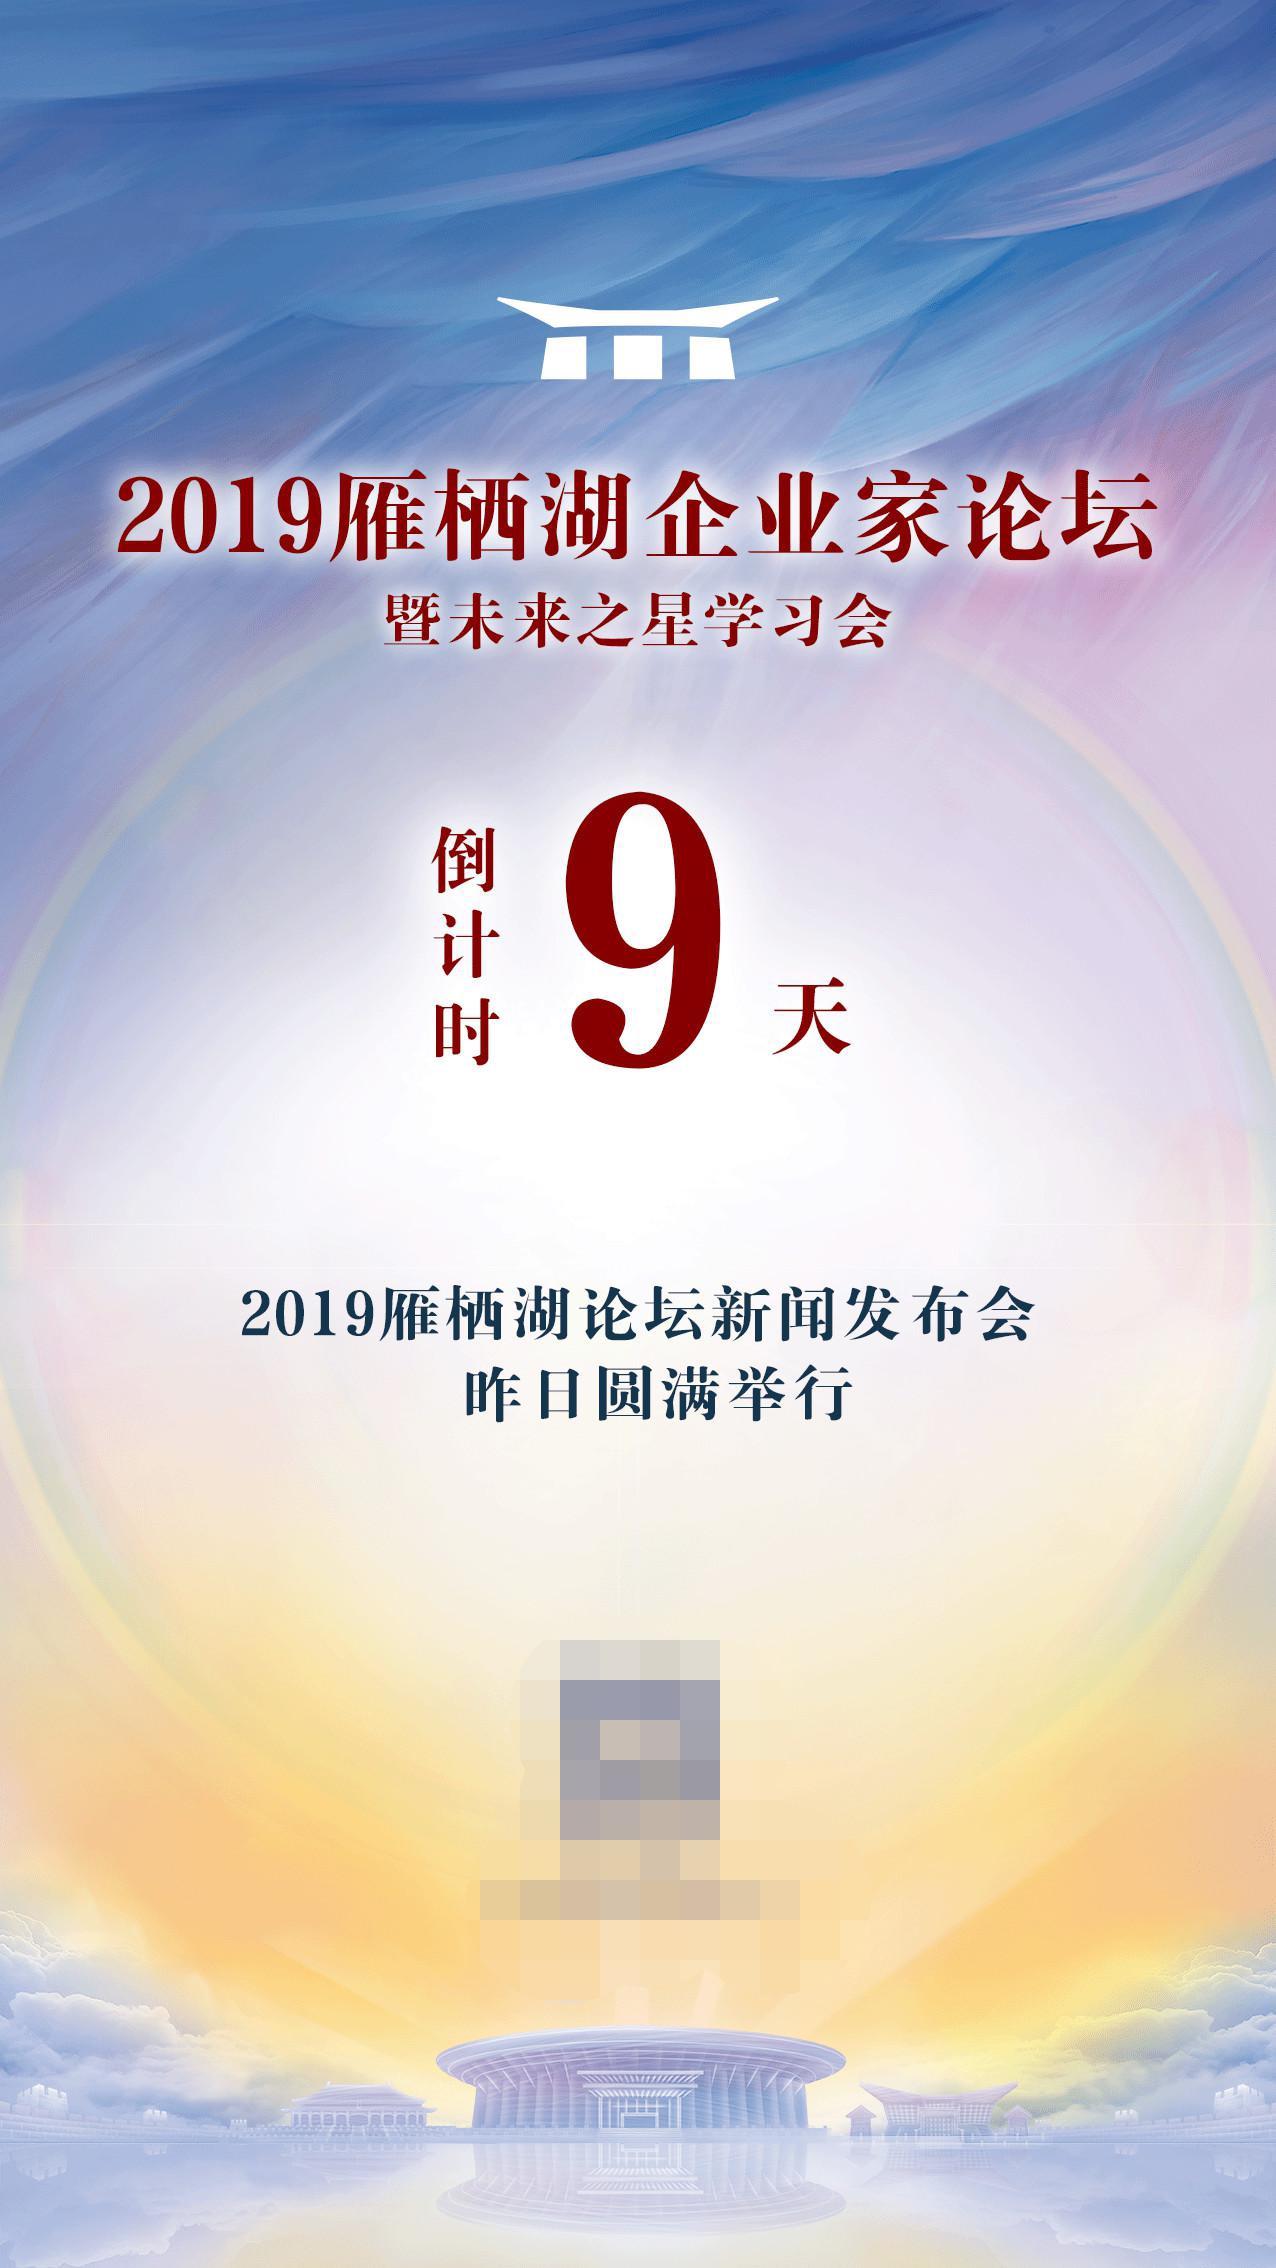 2019年雁栖湖论坛新闻发布会于10月18日在京召开